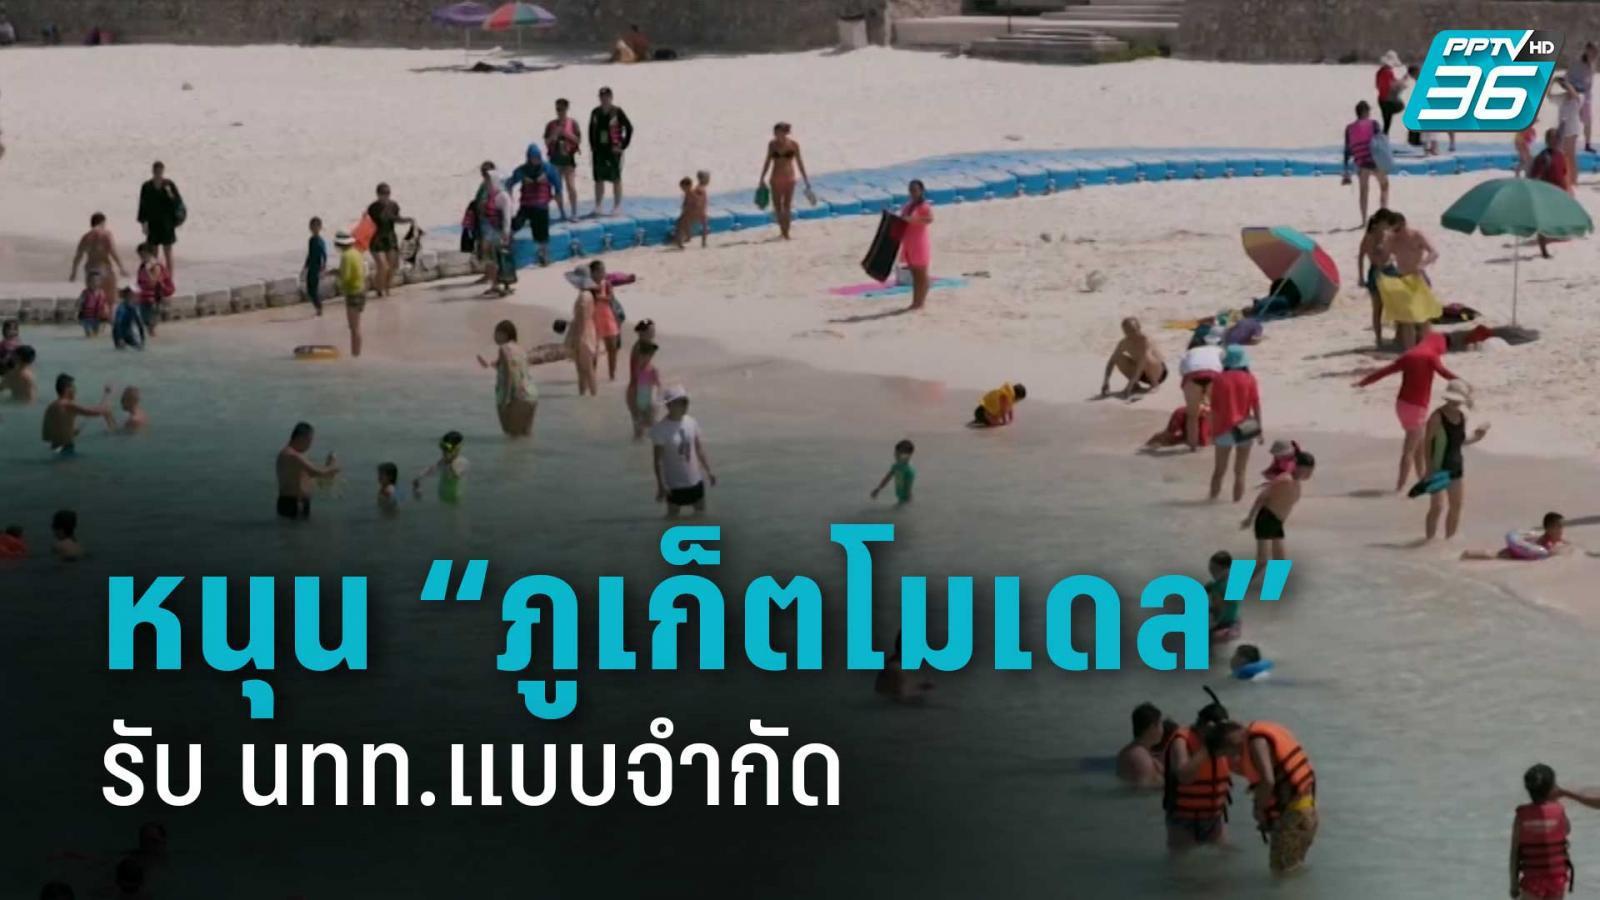 """สมาคมโรงแรมไทย หนุน """"ภูเก็ตโมเดล"""" รับ นทท.แบบจำกัด"""